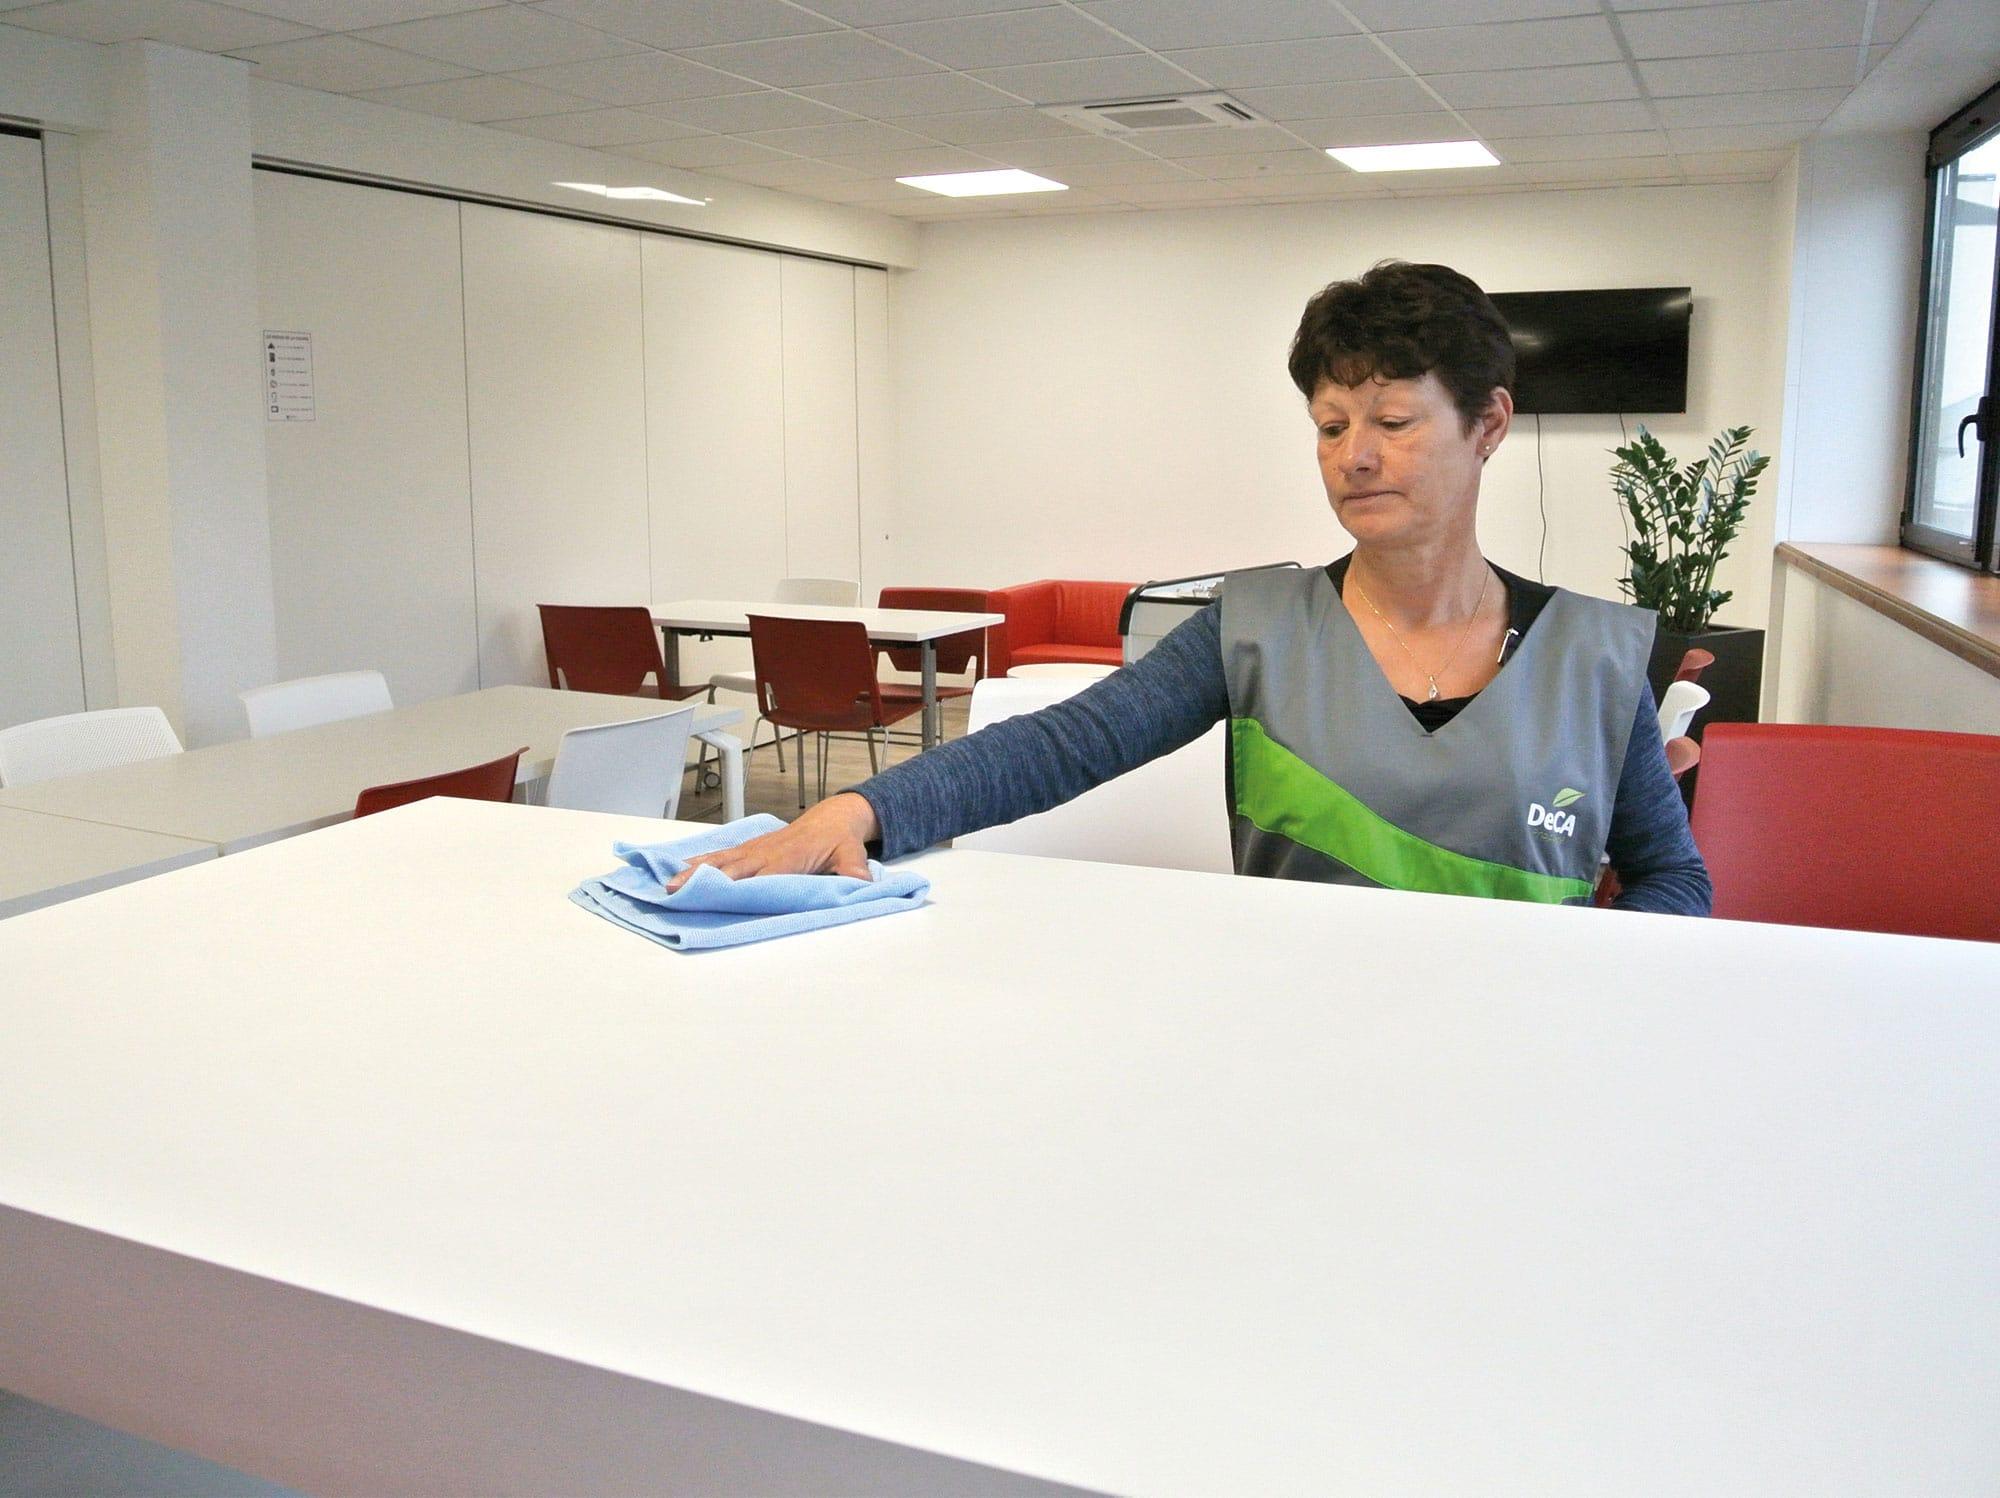 Nettoyage bureau deca propreté